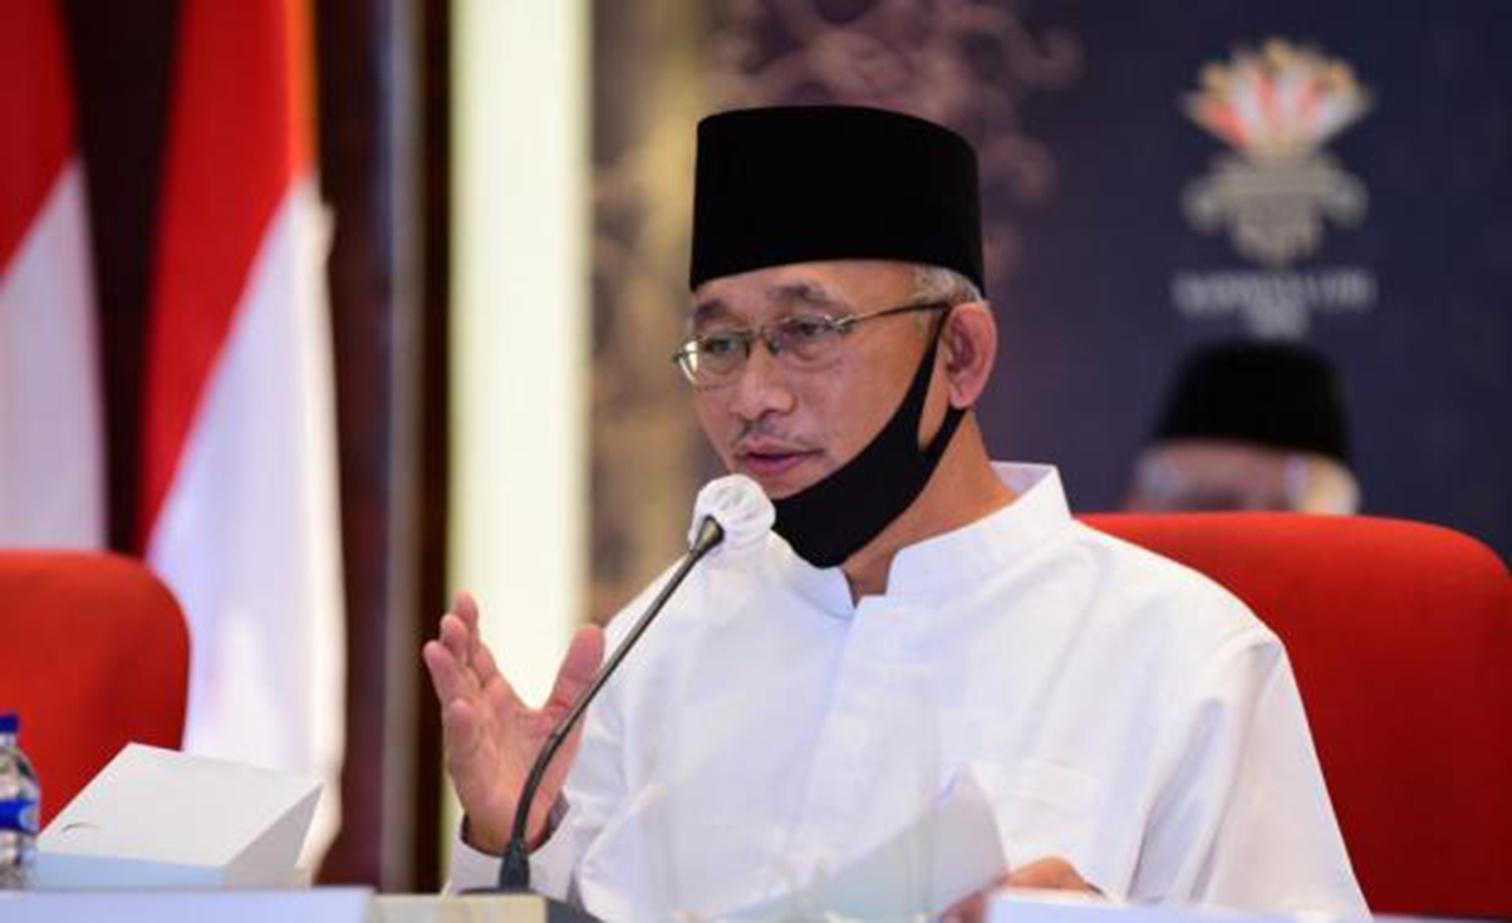 Pemerintah Menggandeng Ormas Islam Cegah Covid-19, Mungkinkah?